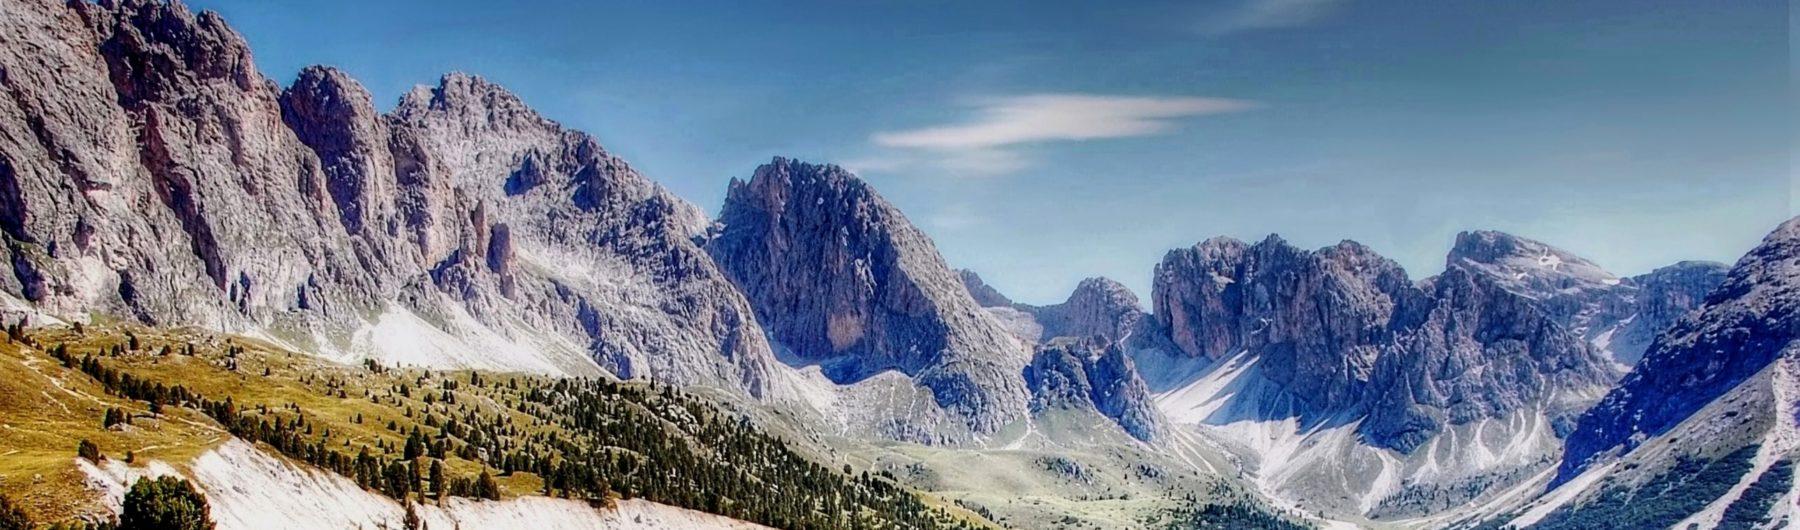 Geilslergruppe in den Dolomiten